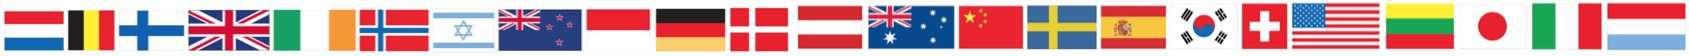 AussiePeaceWalk flag line